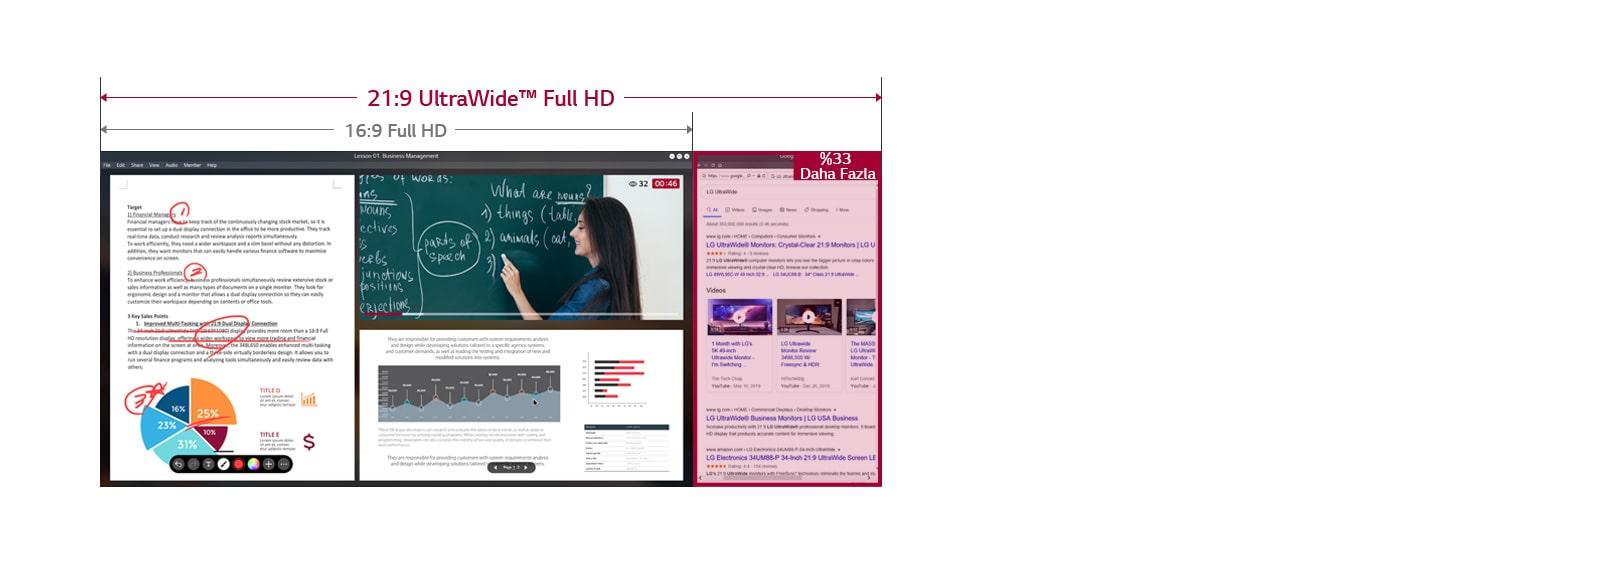 Çevrimiçi dersin görüntülendiði 16:9 Full HD ekranla %2533 daha geniþ 21:9 UltraWide Full HD ekran alanýnýn karþýlaþtýrýldýðý görsel.